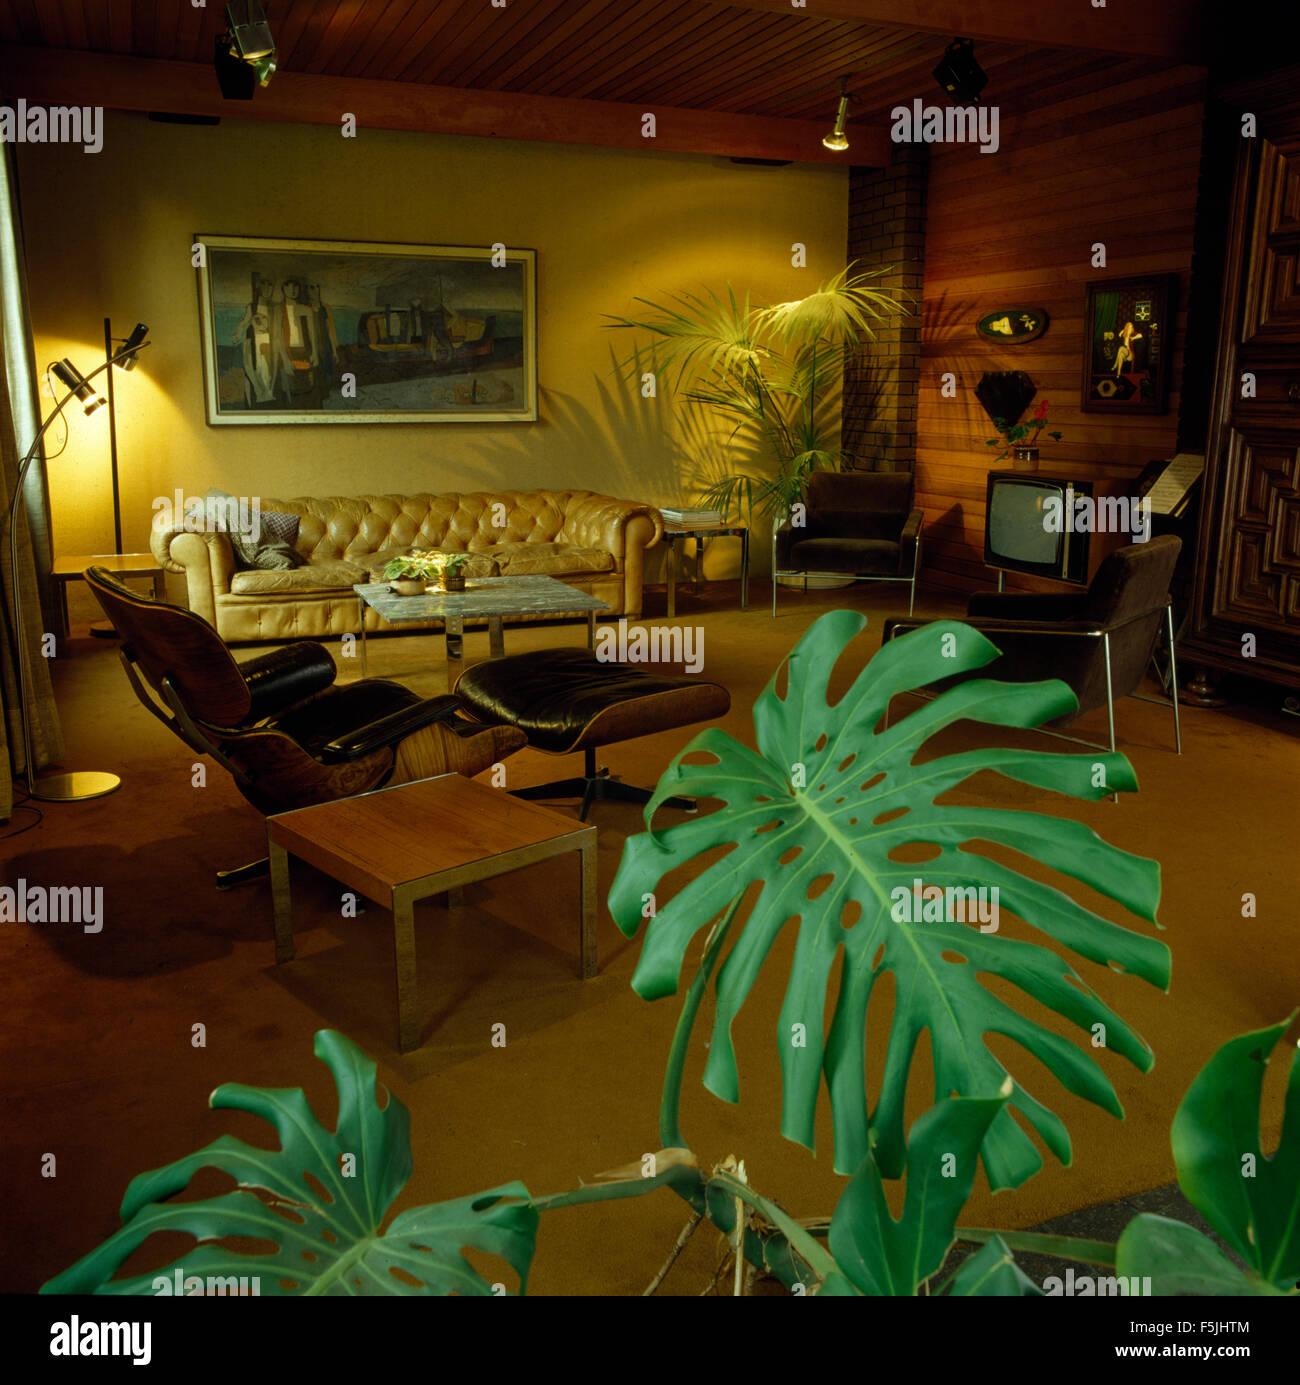 Charles Eames Lounge Chair Und Hocker In Ein Wohnzimmer Mit Einem Leder  Chesterfield Sofa Und Grüne Zimmerpflanzen Siebziger